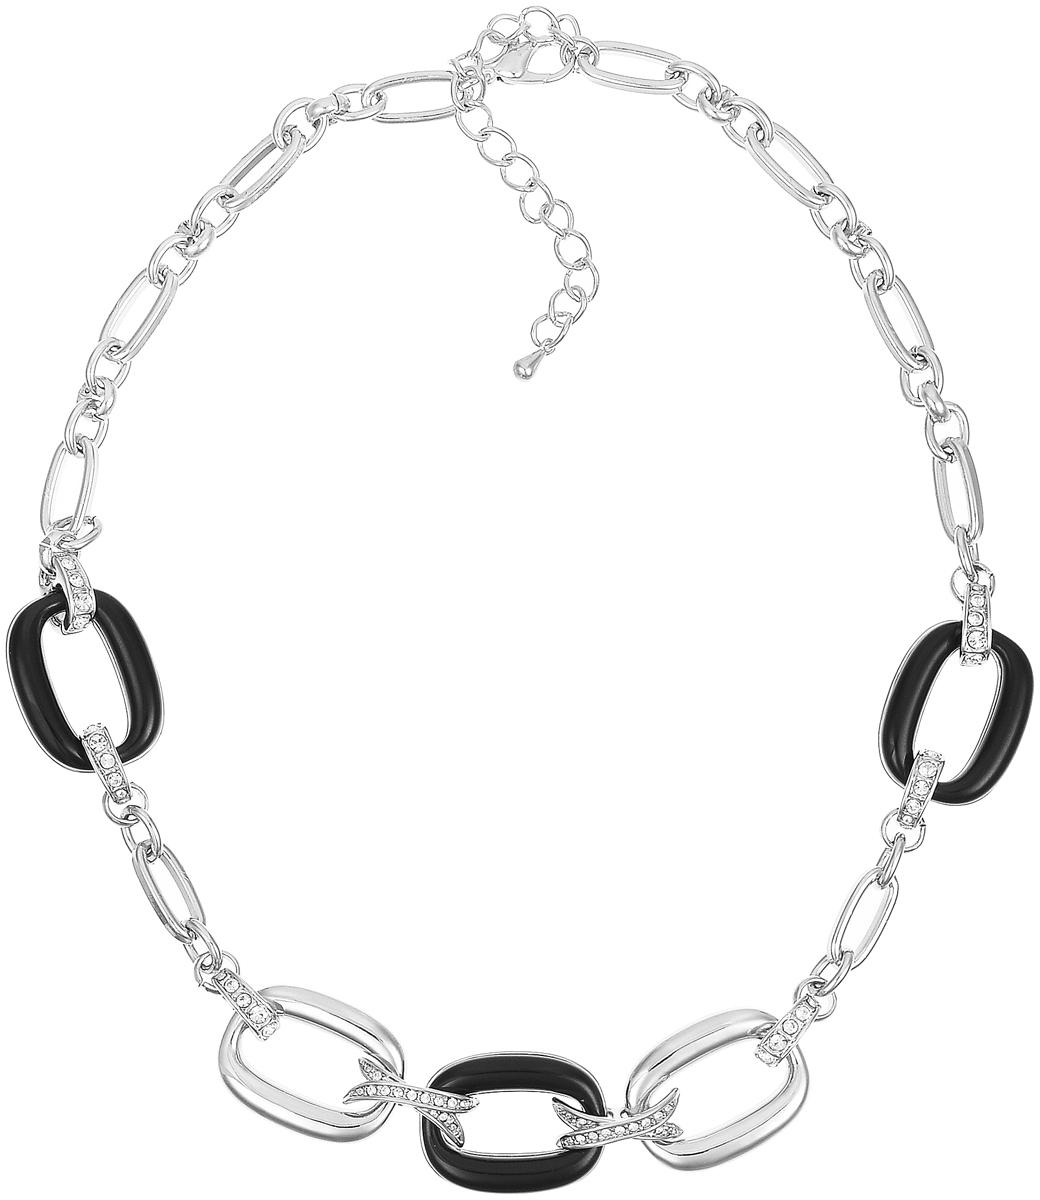 Ожерелье Art-Silver, цвет: серебряный, черный. MS06196N-R-B-1701MS06196N-R-B-1701Ожерелье современного дизайна Art-Silver изготовлено из бижутерийного сплава. Центральная часть ожерелья дополнена декоративными элементами с вставками из циркона и эмали. Колье застегивается на замок-карабин, длина изделия регулируется за счет дополнительных звеньев. В комплекте с украшением поставляется мешочек для хранения.